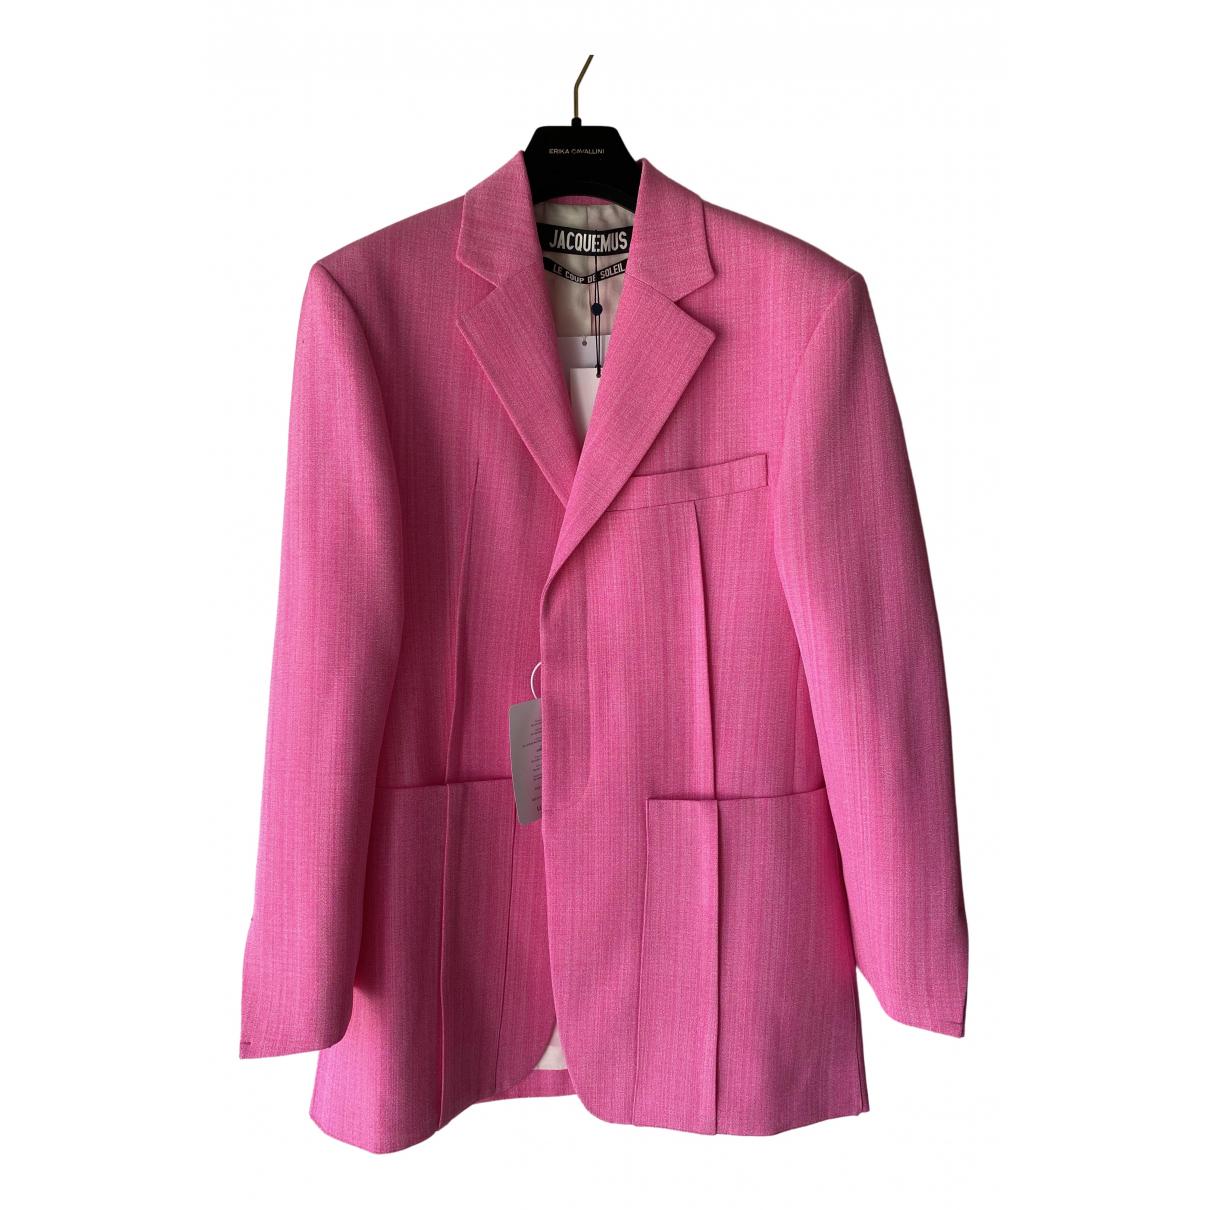 Jacquemus Le coup de soleil Pink jacket for Women 34 FR